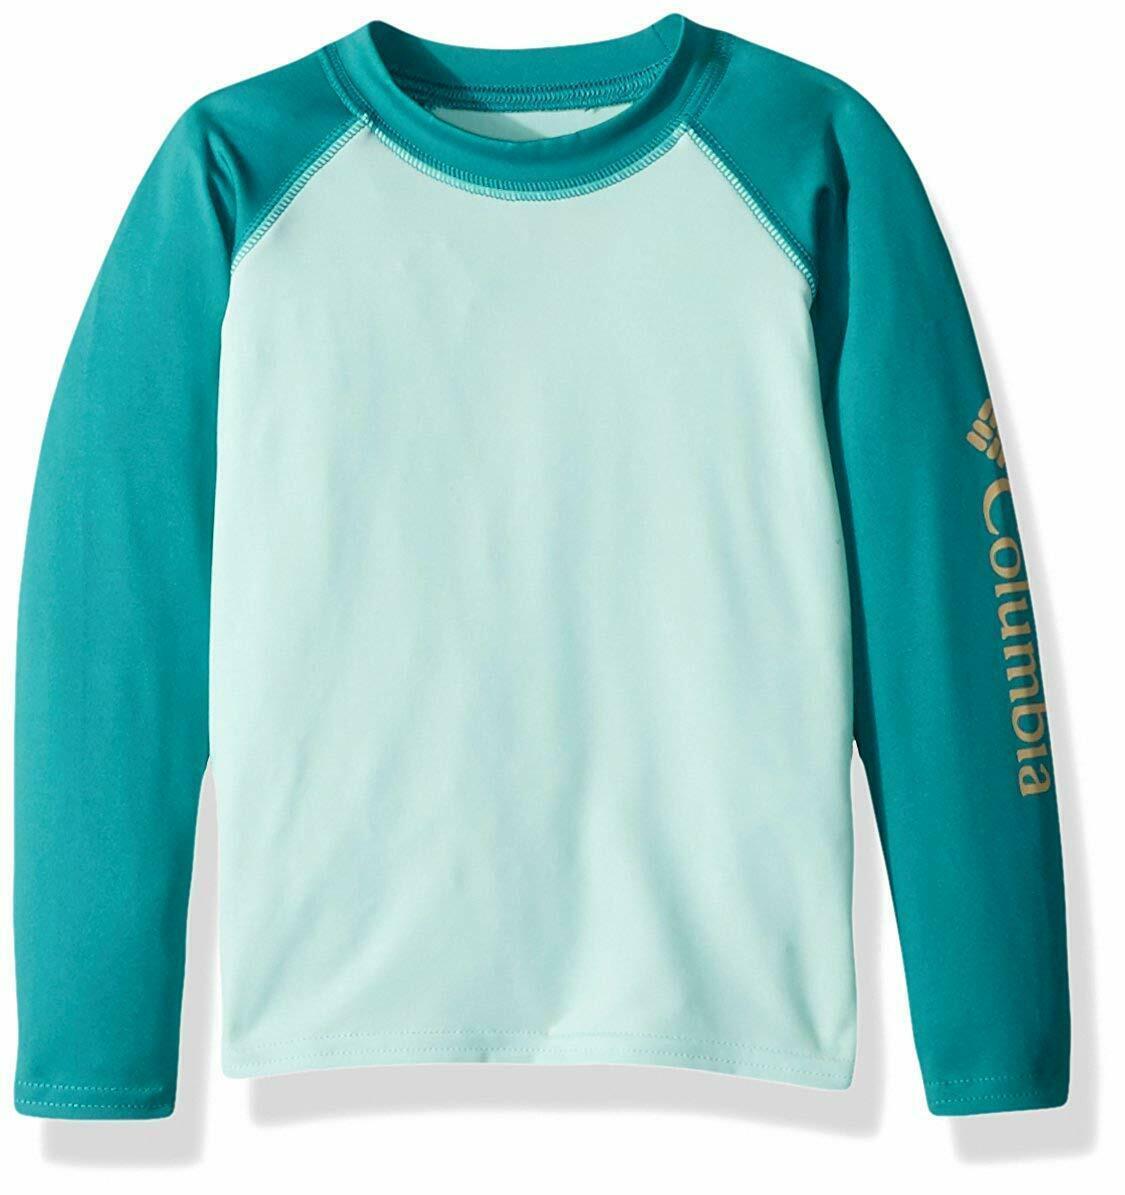 NWT Columbia Kids L (14) Omni-Shade Swim and Sun Guard Shirt Mint - $23.00